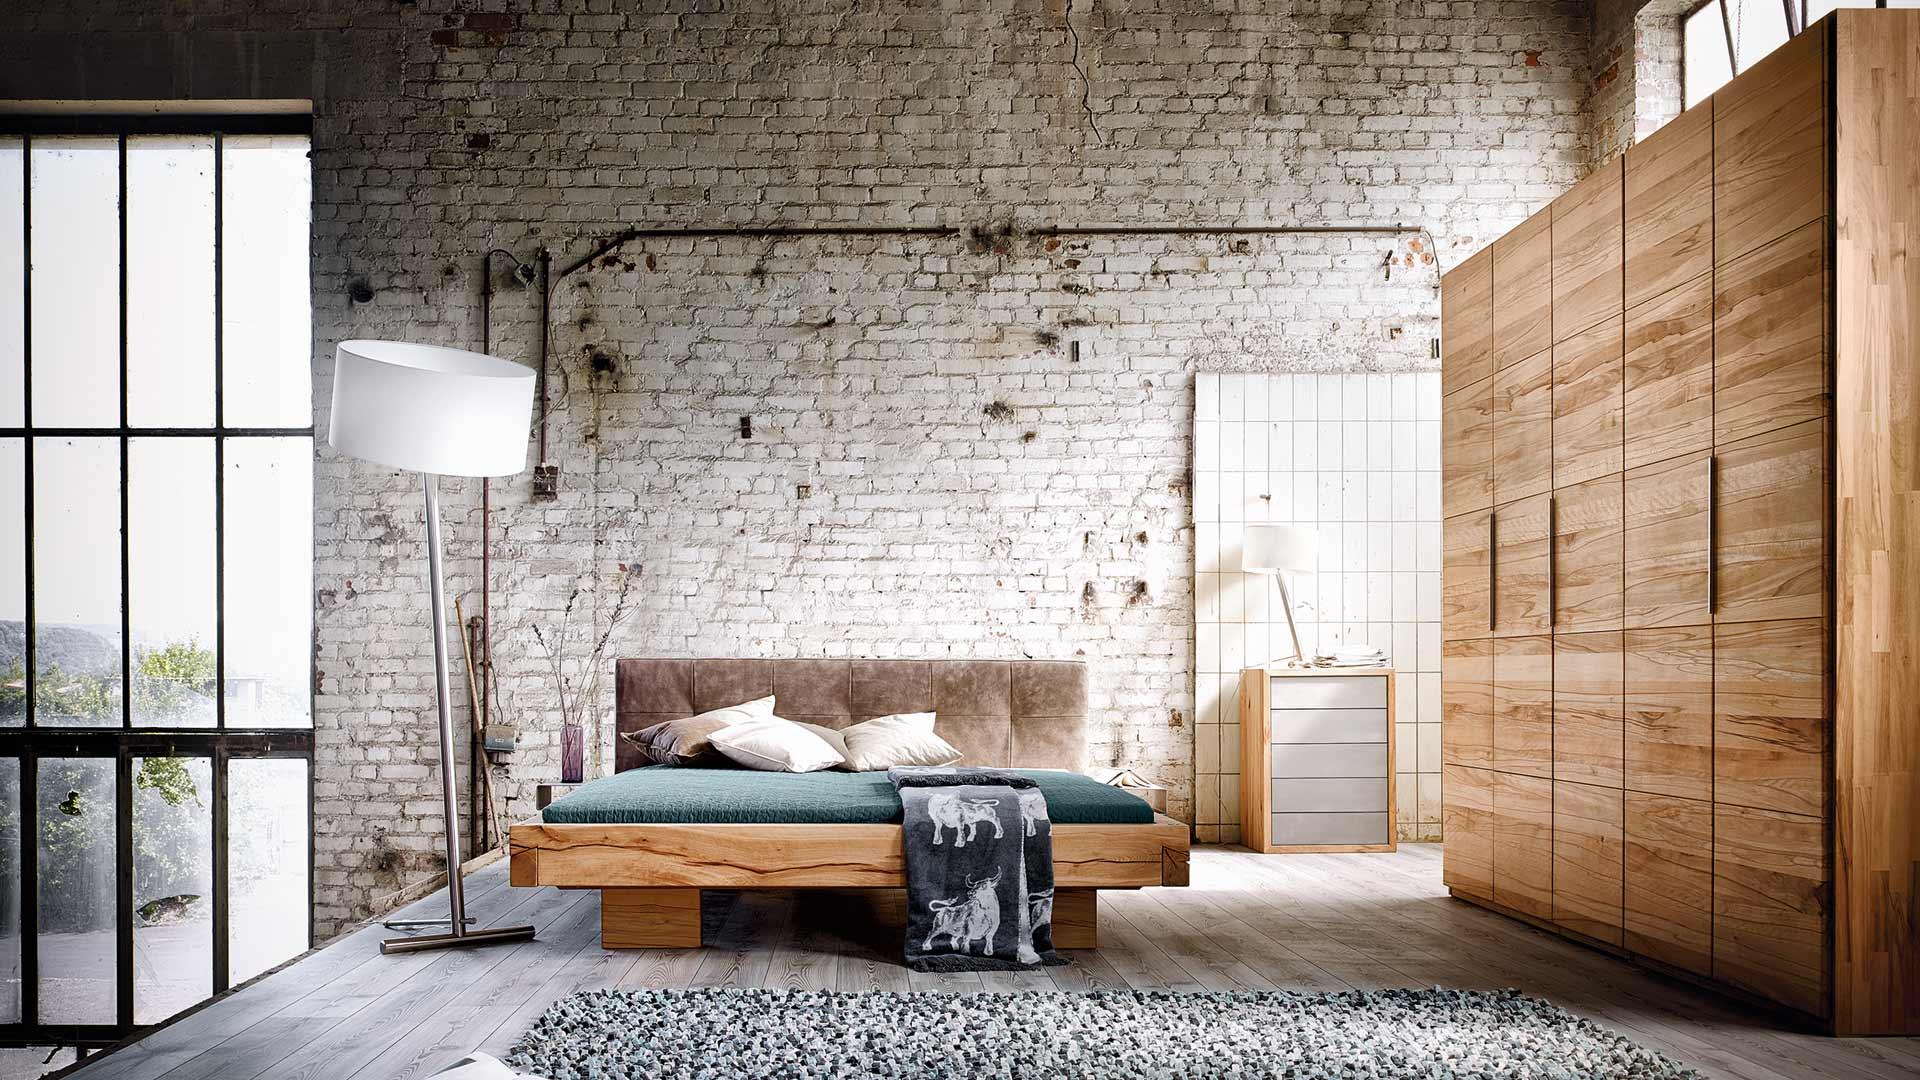 Designermöbel schlafzimmer  Contur®0800 von Contur Einrichtungen in Passau - MÖBEL SCHUSTER